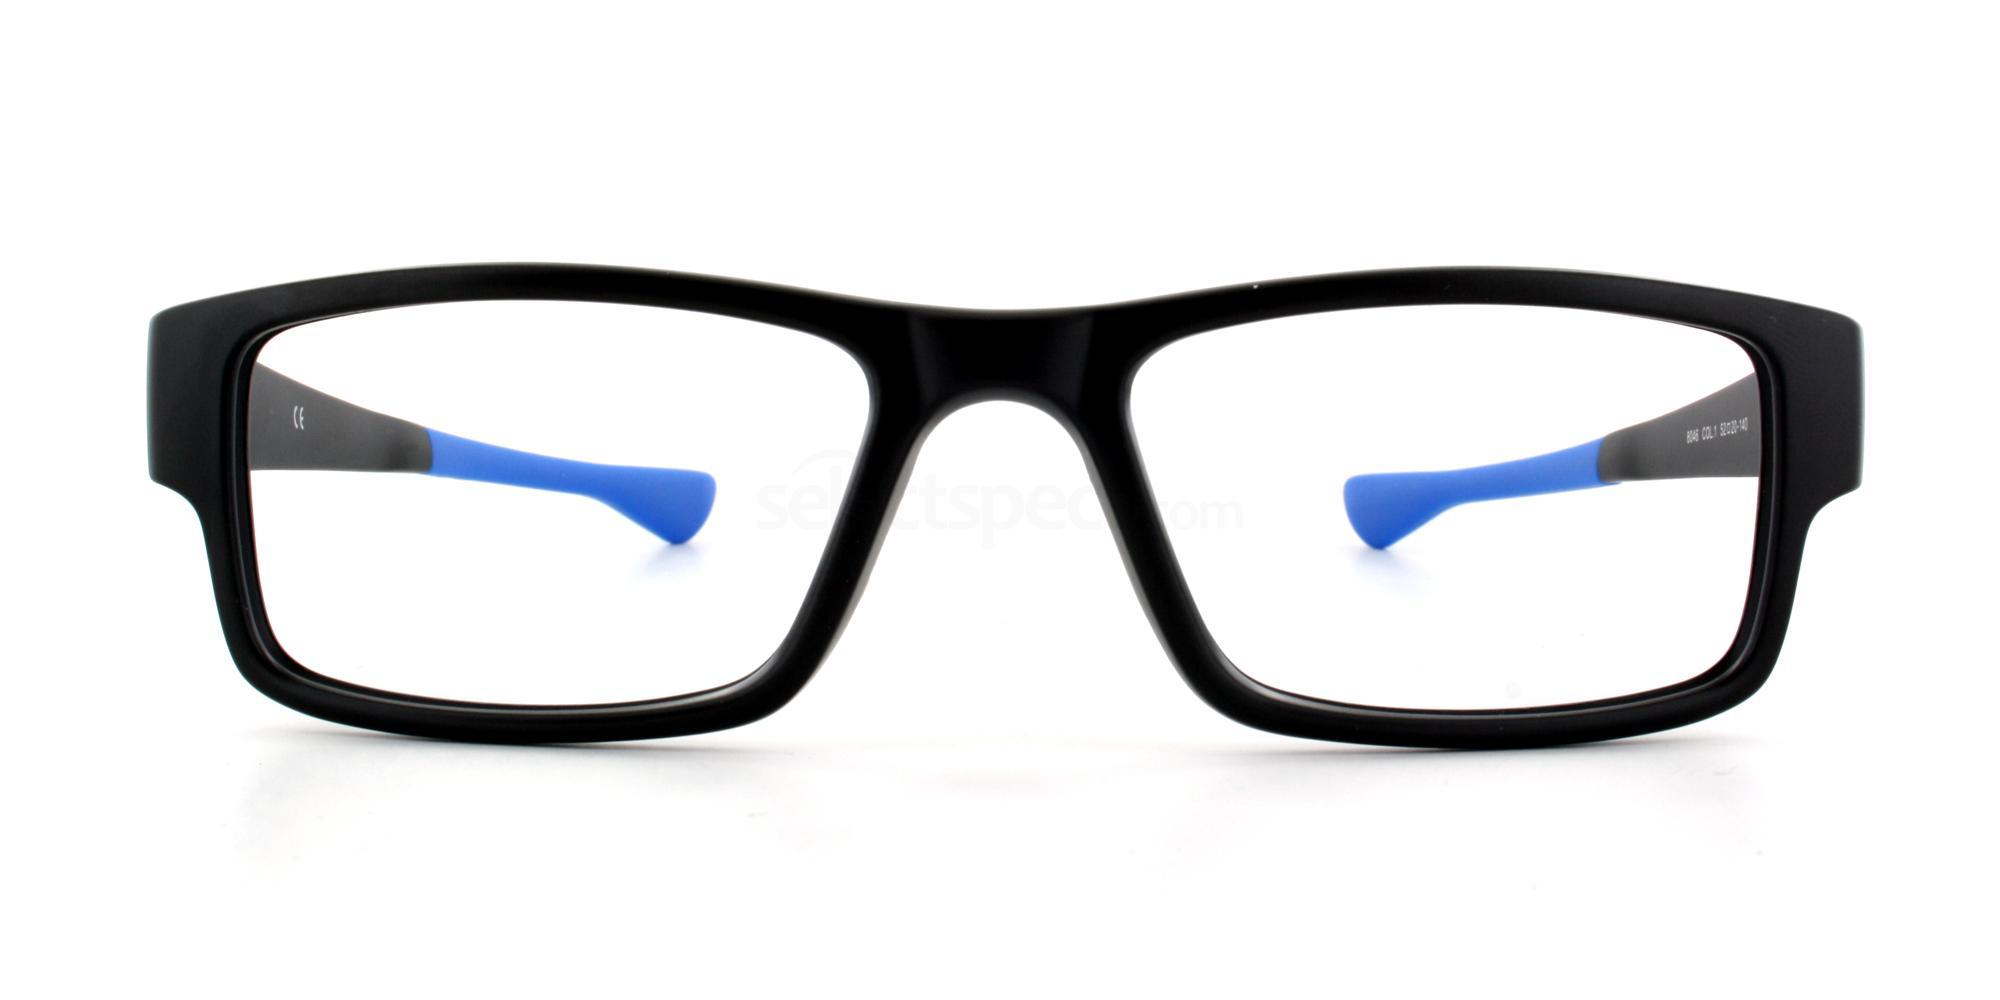 Col. 1 8046 Glasses, Aero